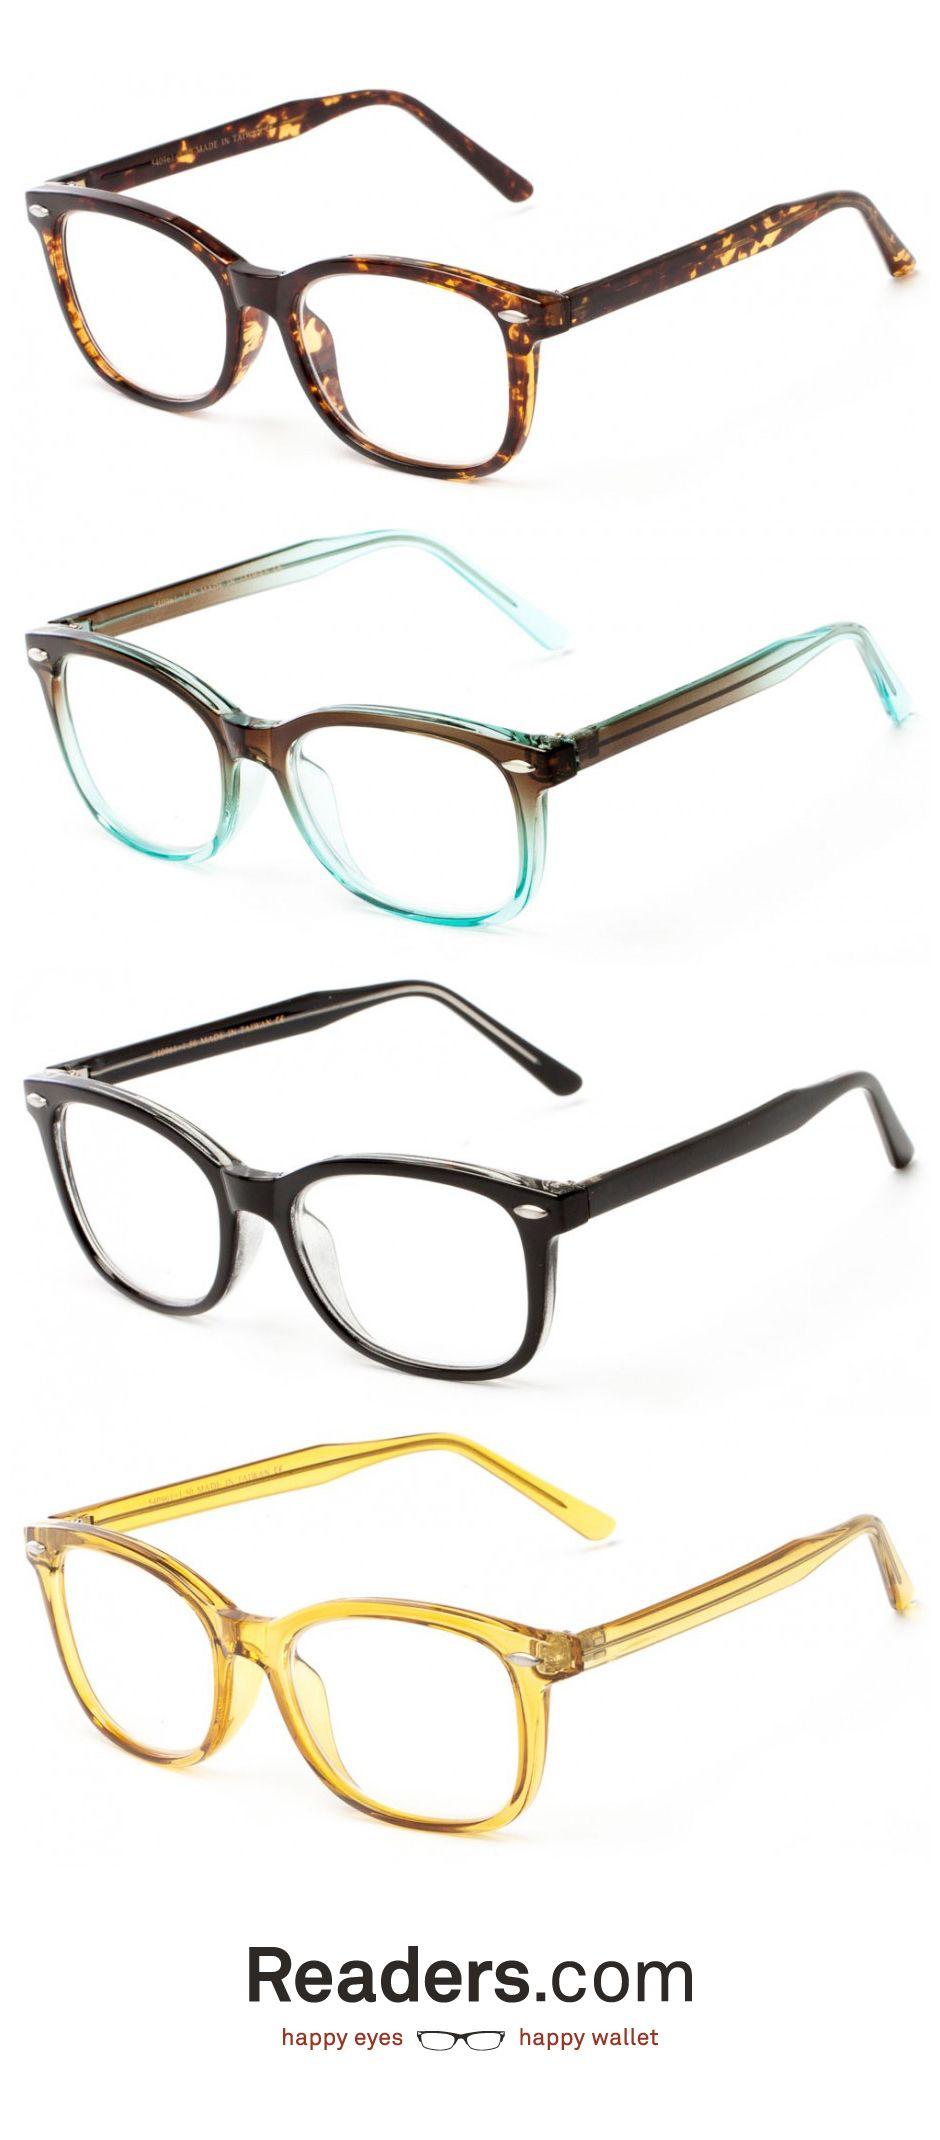 87da0cb6009 ROUND Tortoise Shell Glasses Thick Frame OLEG by cherryREVOLVER ...